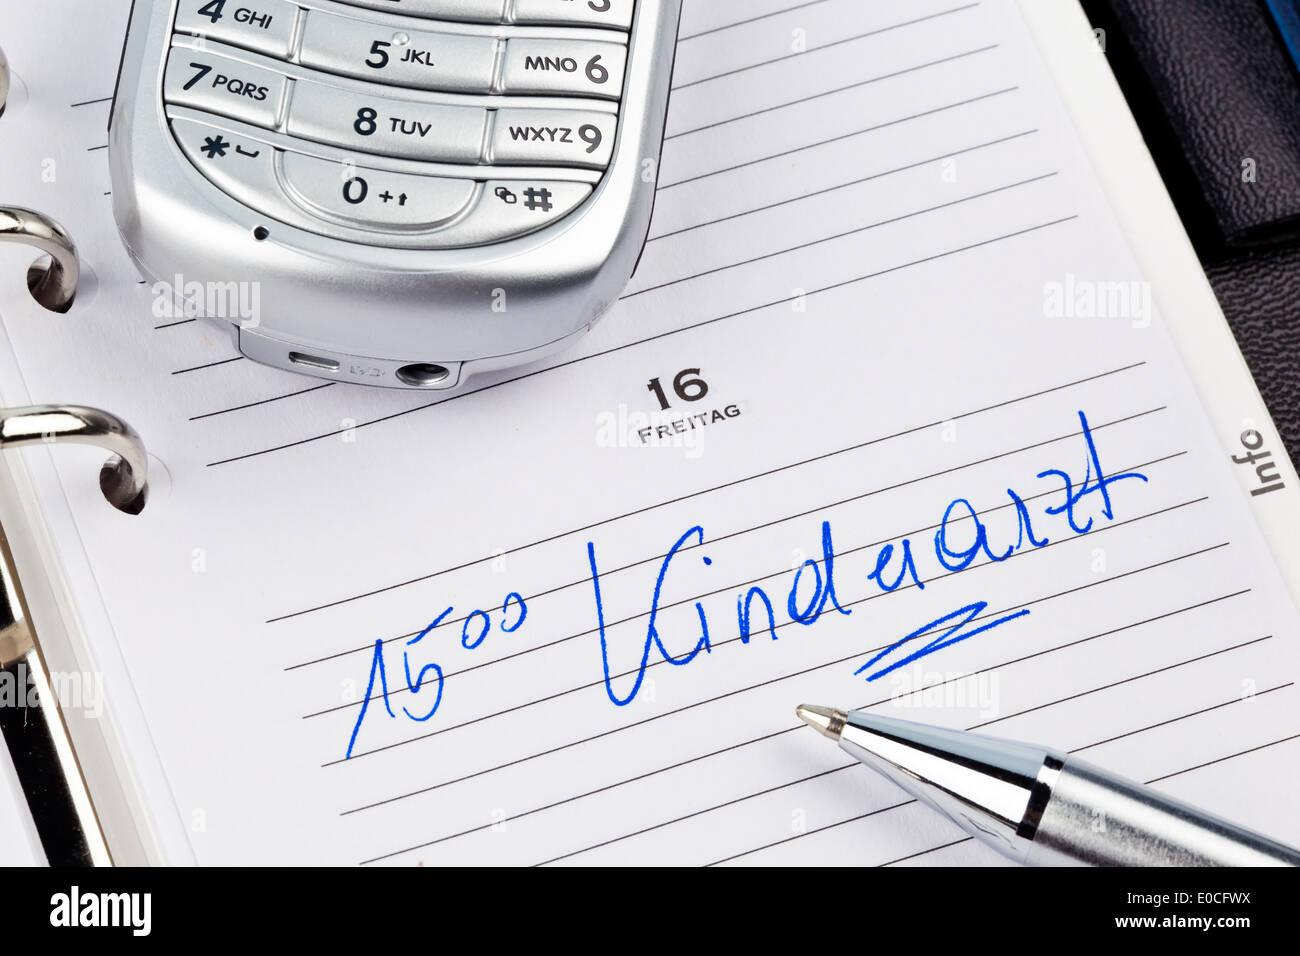 An appointment is put down in a calendar: Paediatrician, Ein Termin ist in einem Kalender eingetragen: Kinderarzt Stock Photo